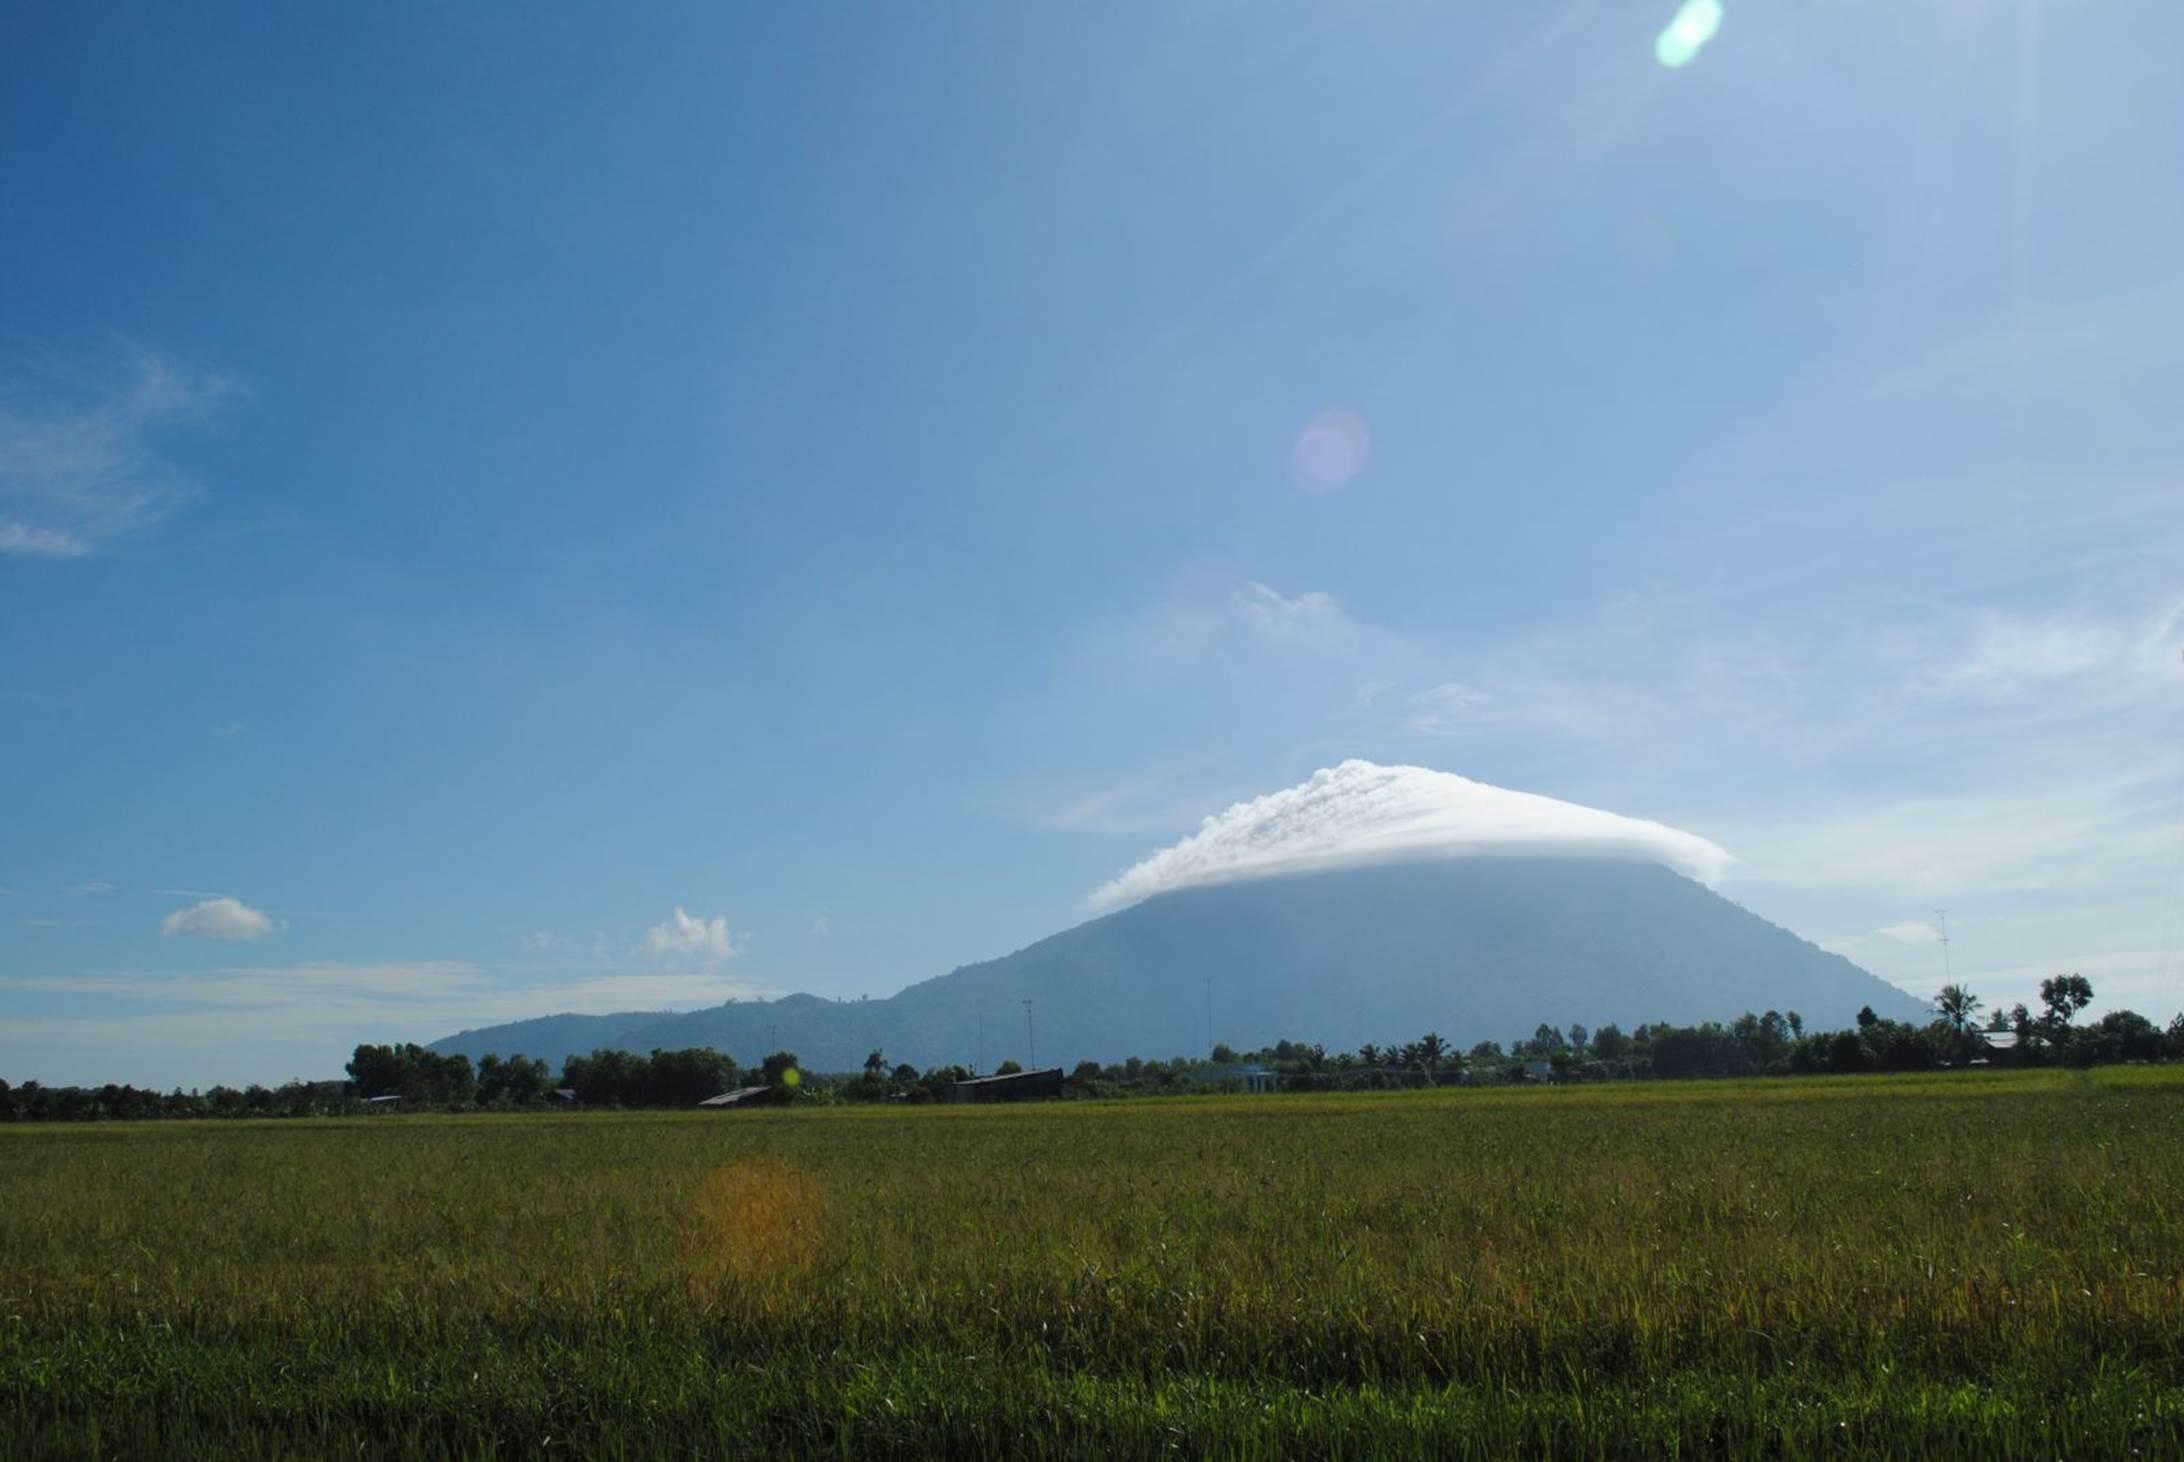 Nón mây trên đỉnh núi Bà Đen